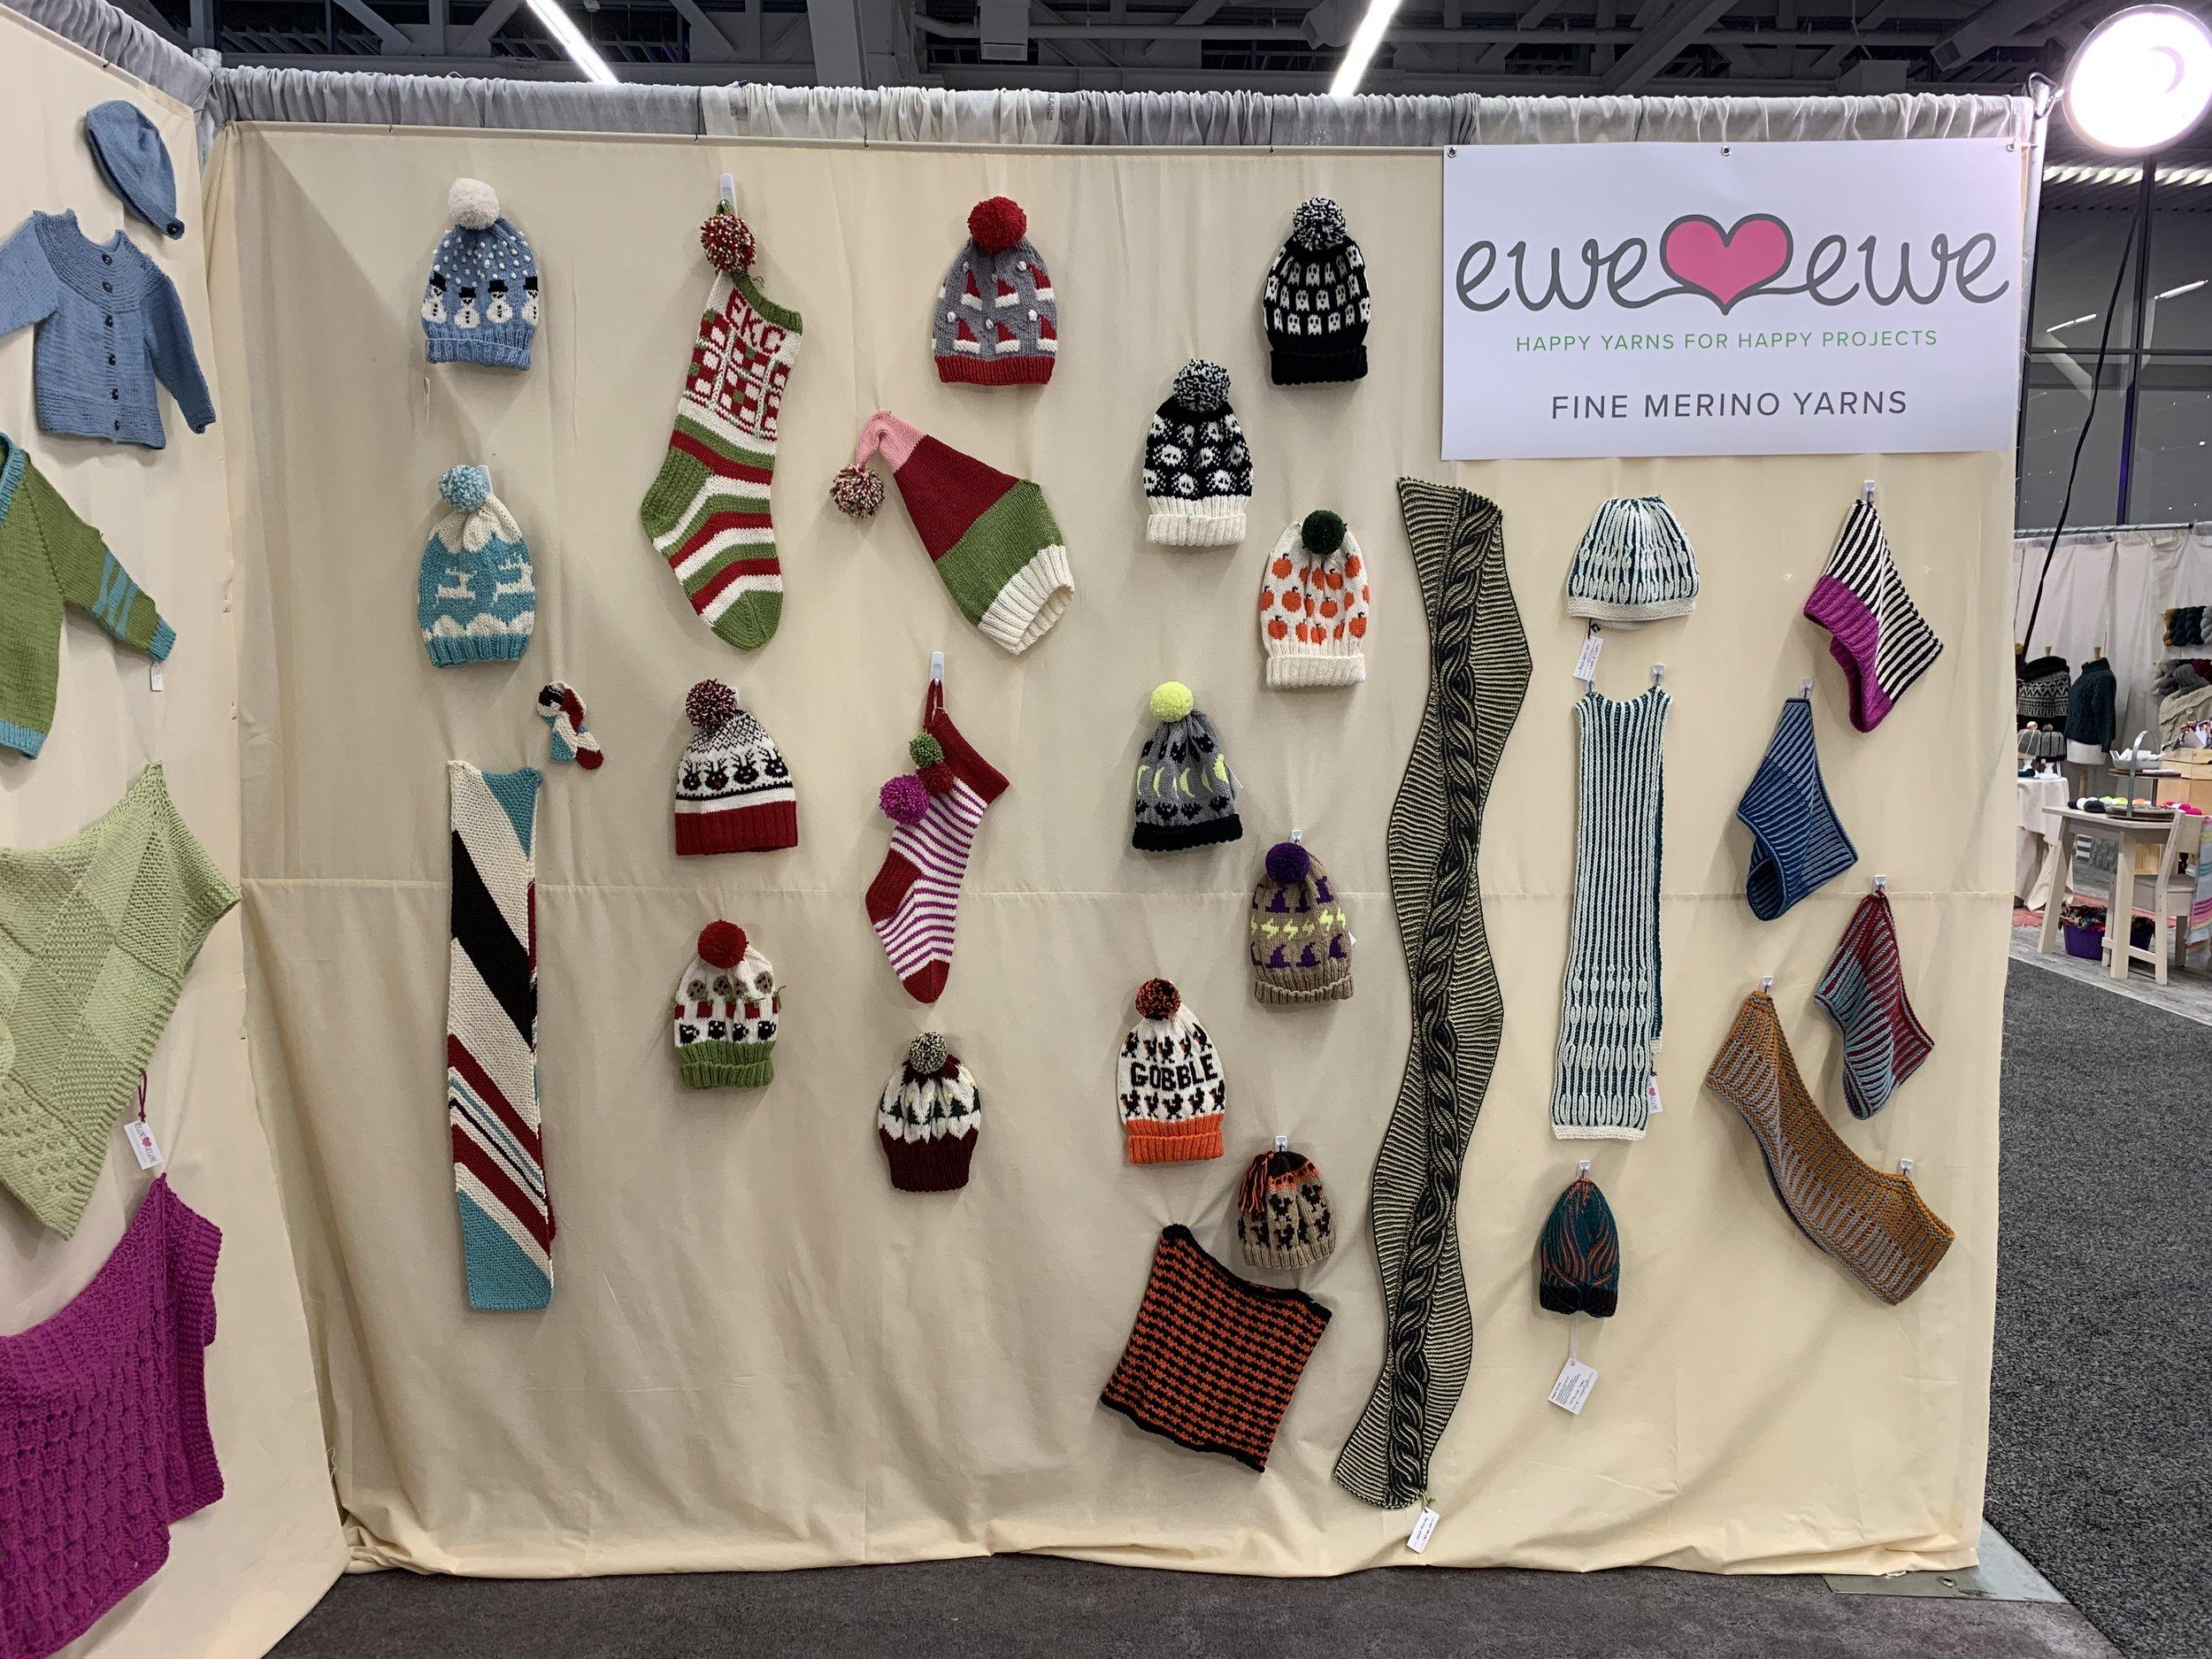 Ewe Ewe Yarns trade show booth